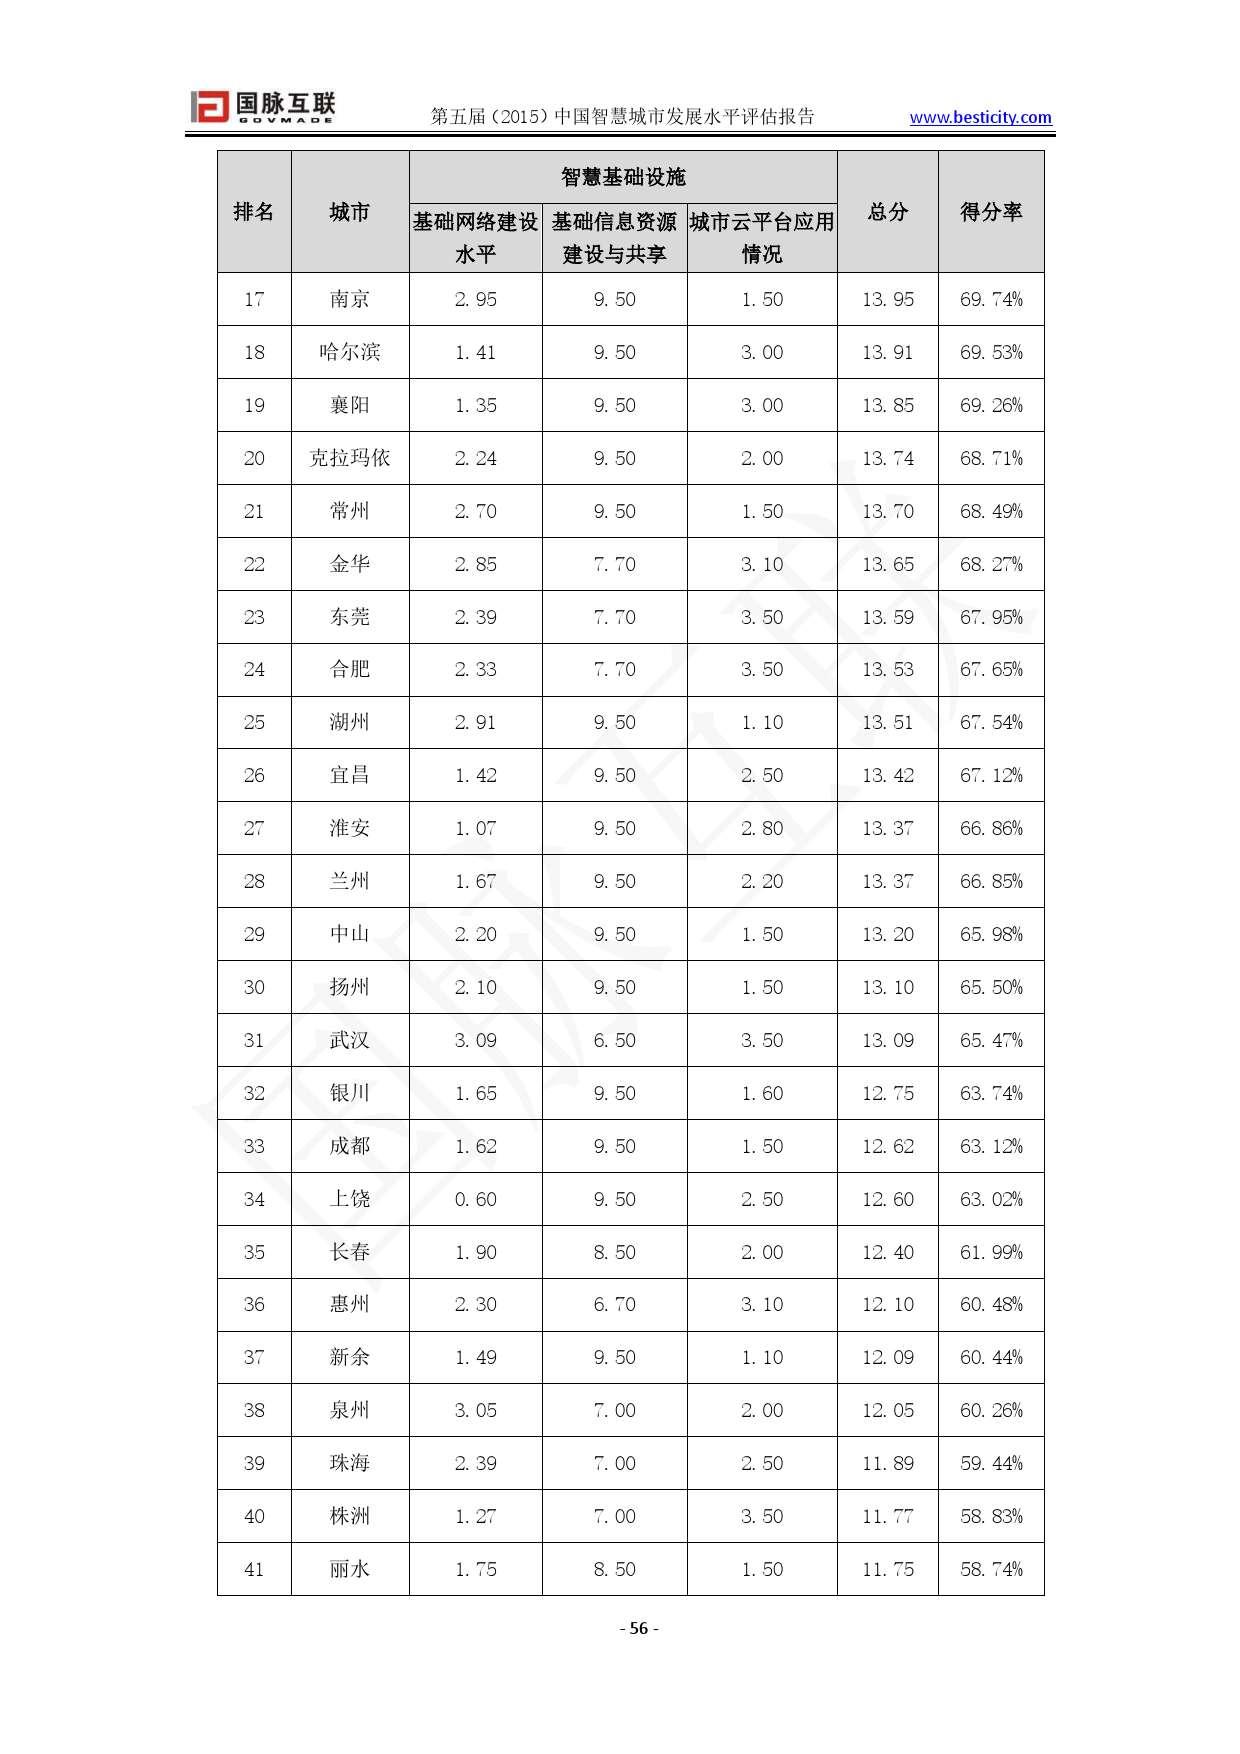 中国最宜居城市排行_2015年中国智慧城市发展水平评估报告(附下载)   互联网数据 ...